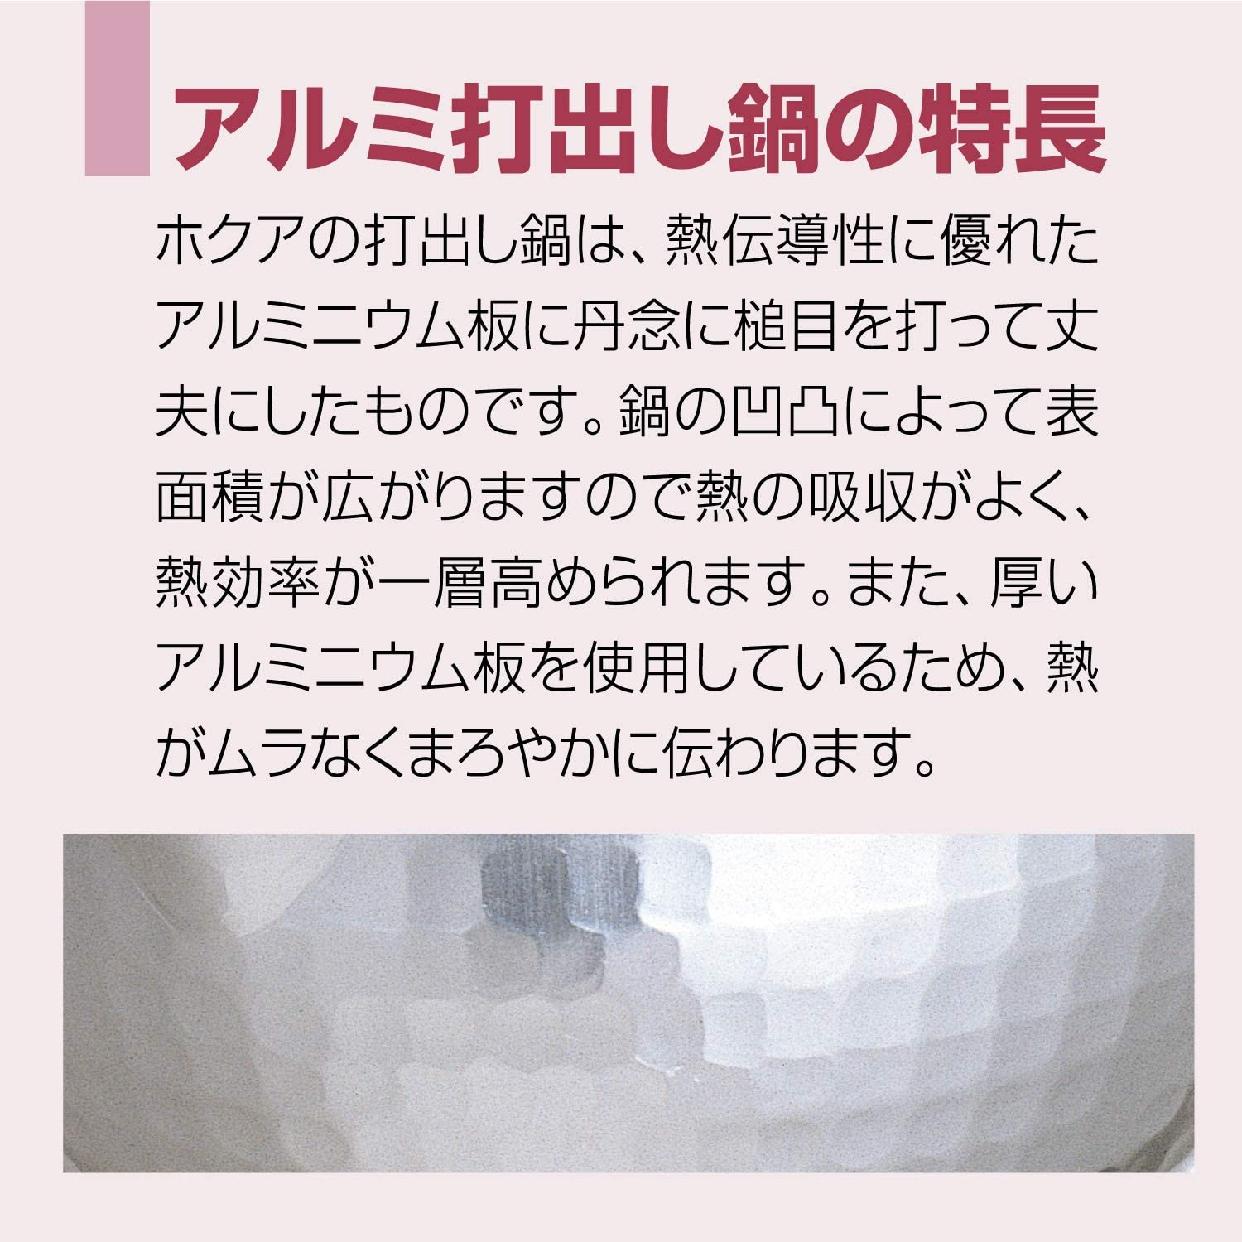 【IH】グルメテイストDX(【アイエイチ】グルメテイストデラックス) コーティングIH雪平鍋 シルバーの商品画像2